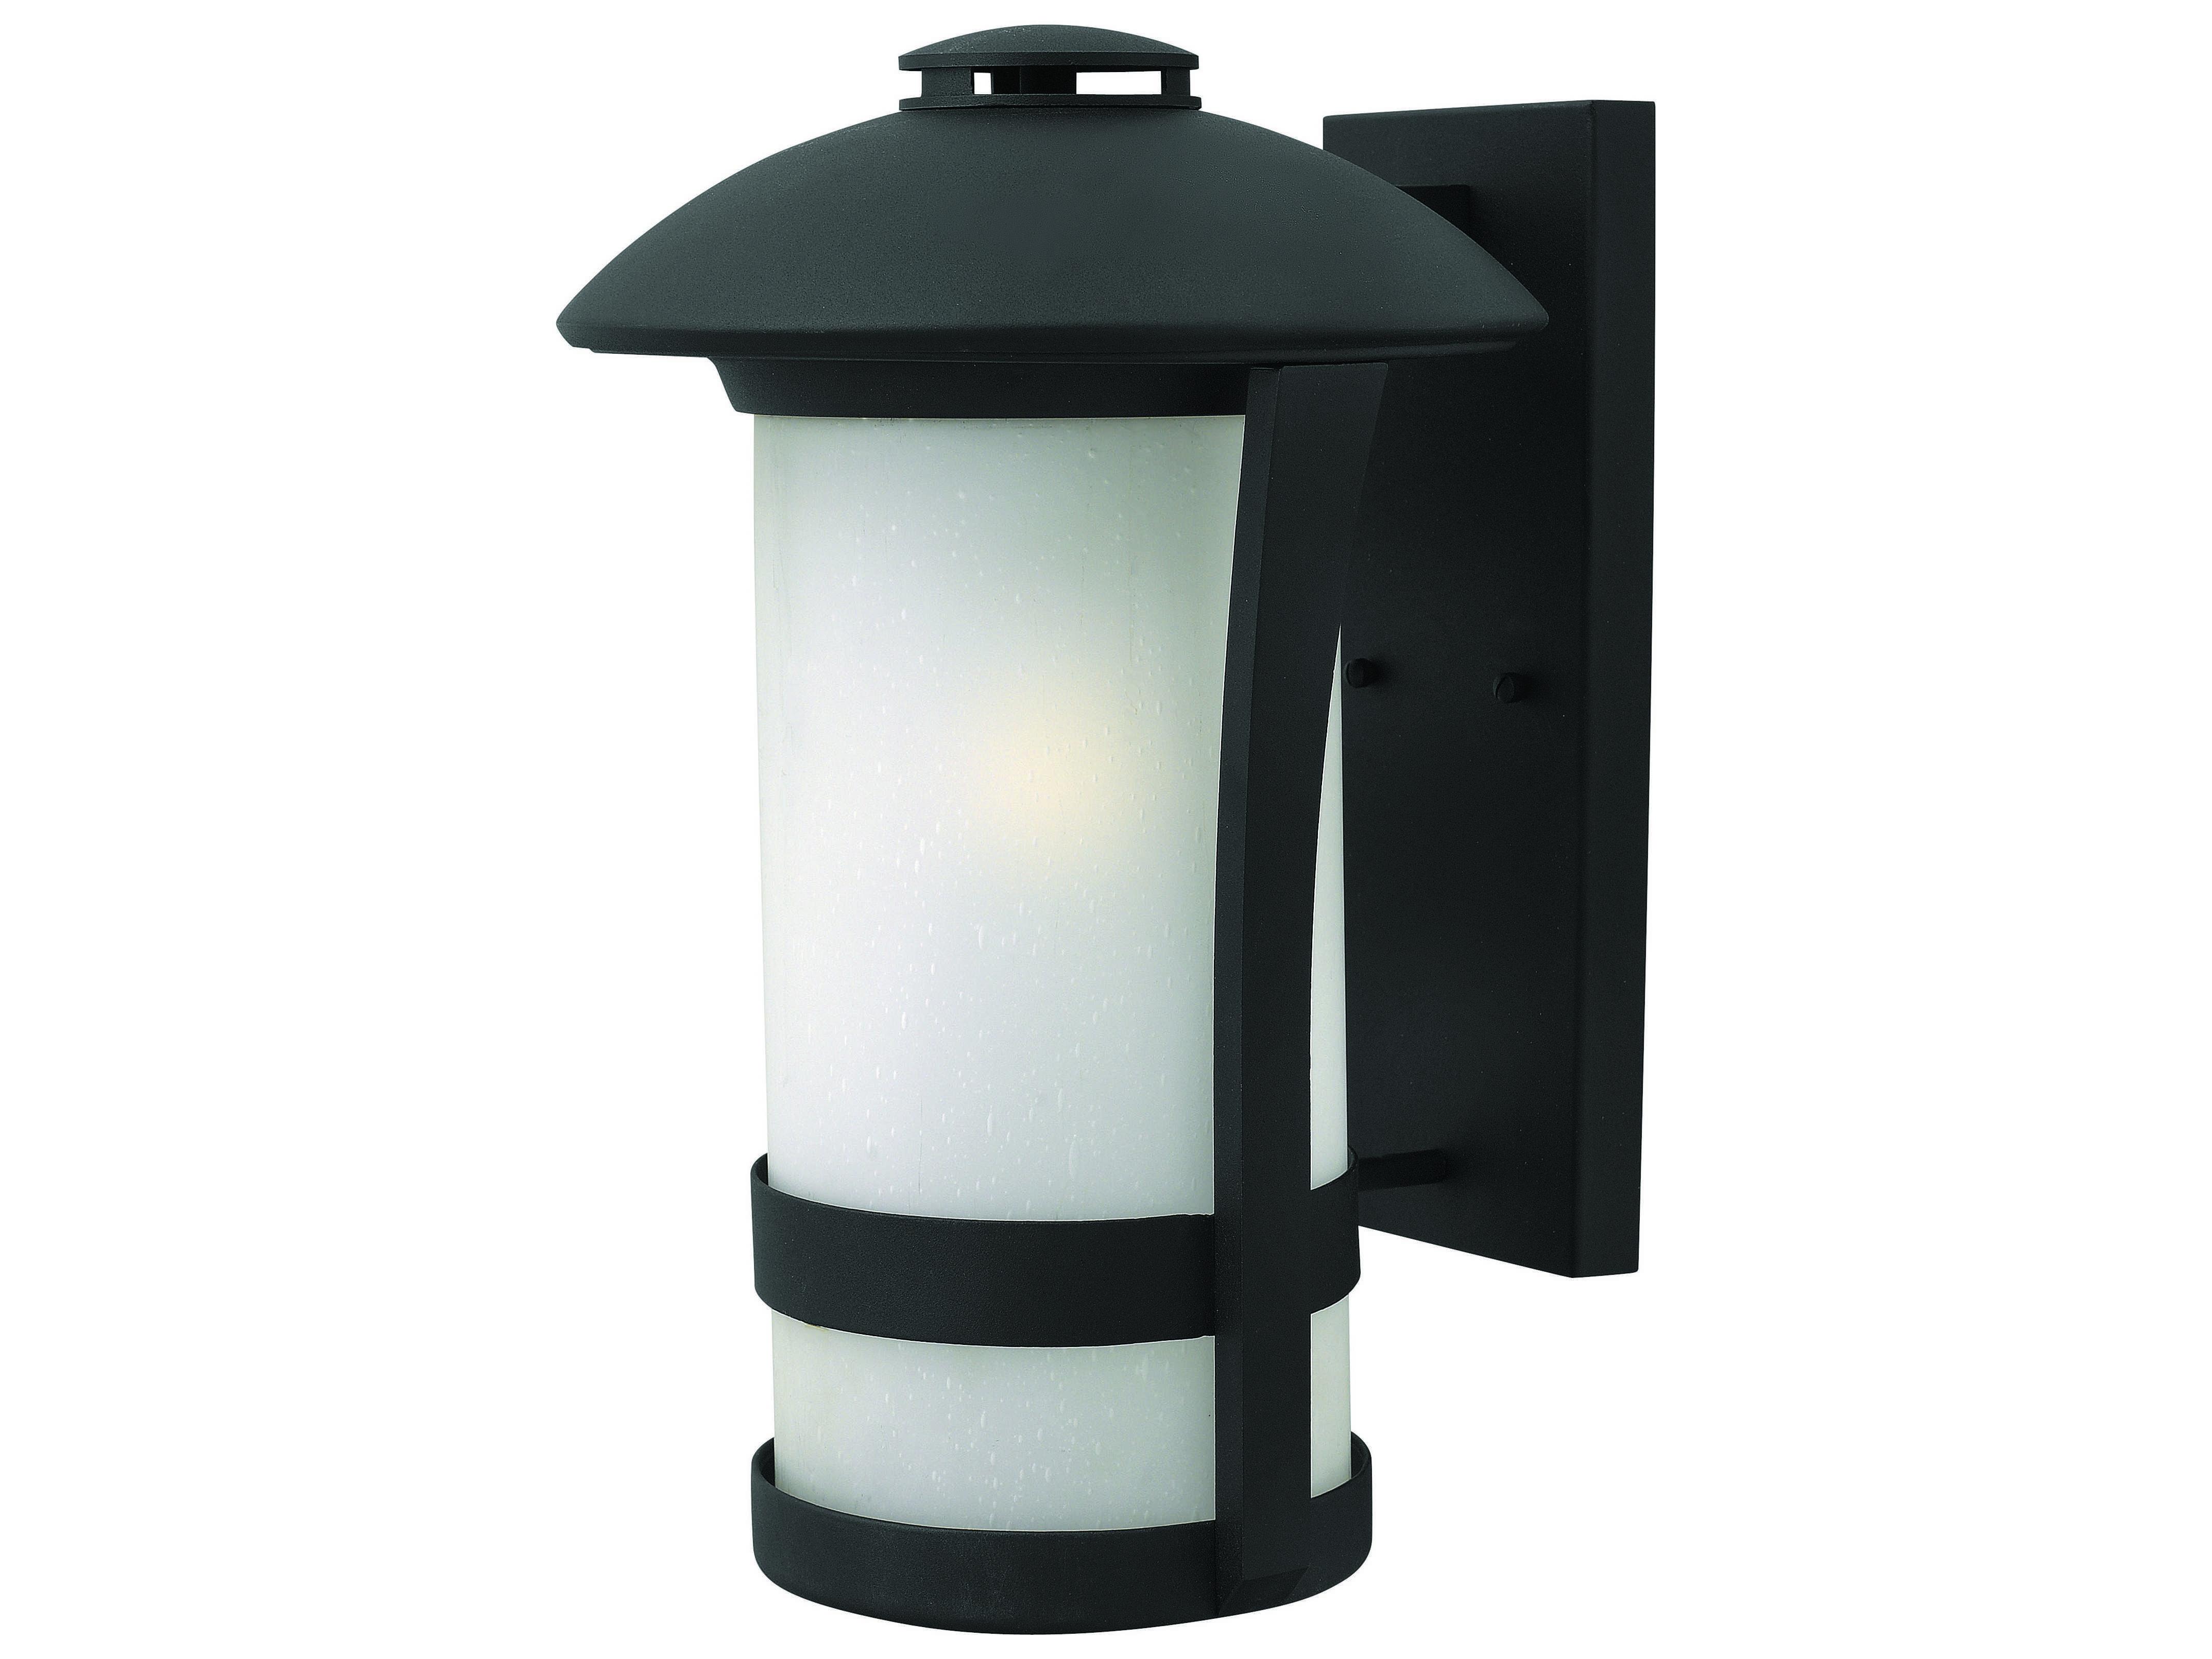 Led Outside Wall Lights Black : Hinkley Lighting Chandler Black LED Outdoor Wall Light 2705BK-LED